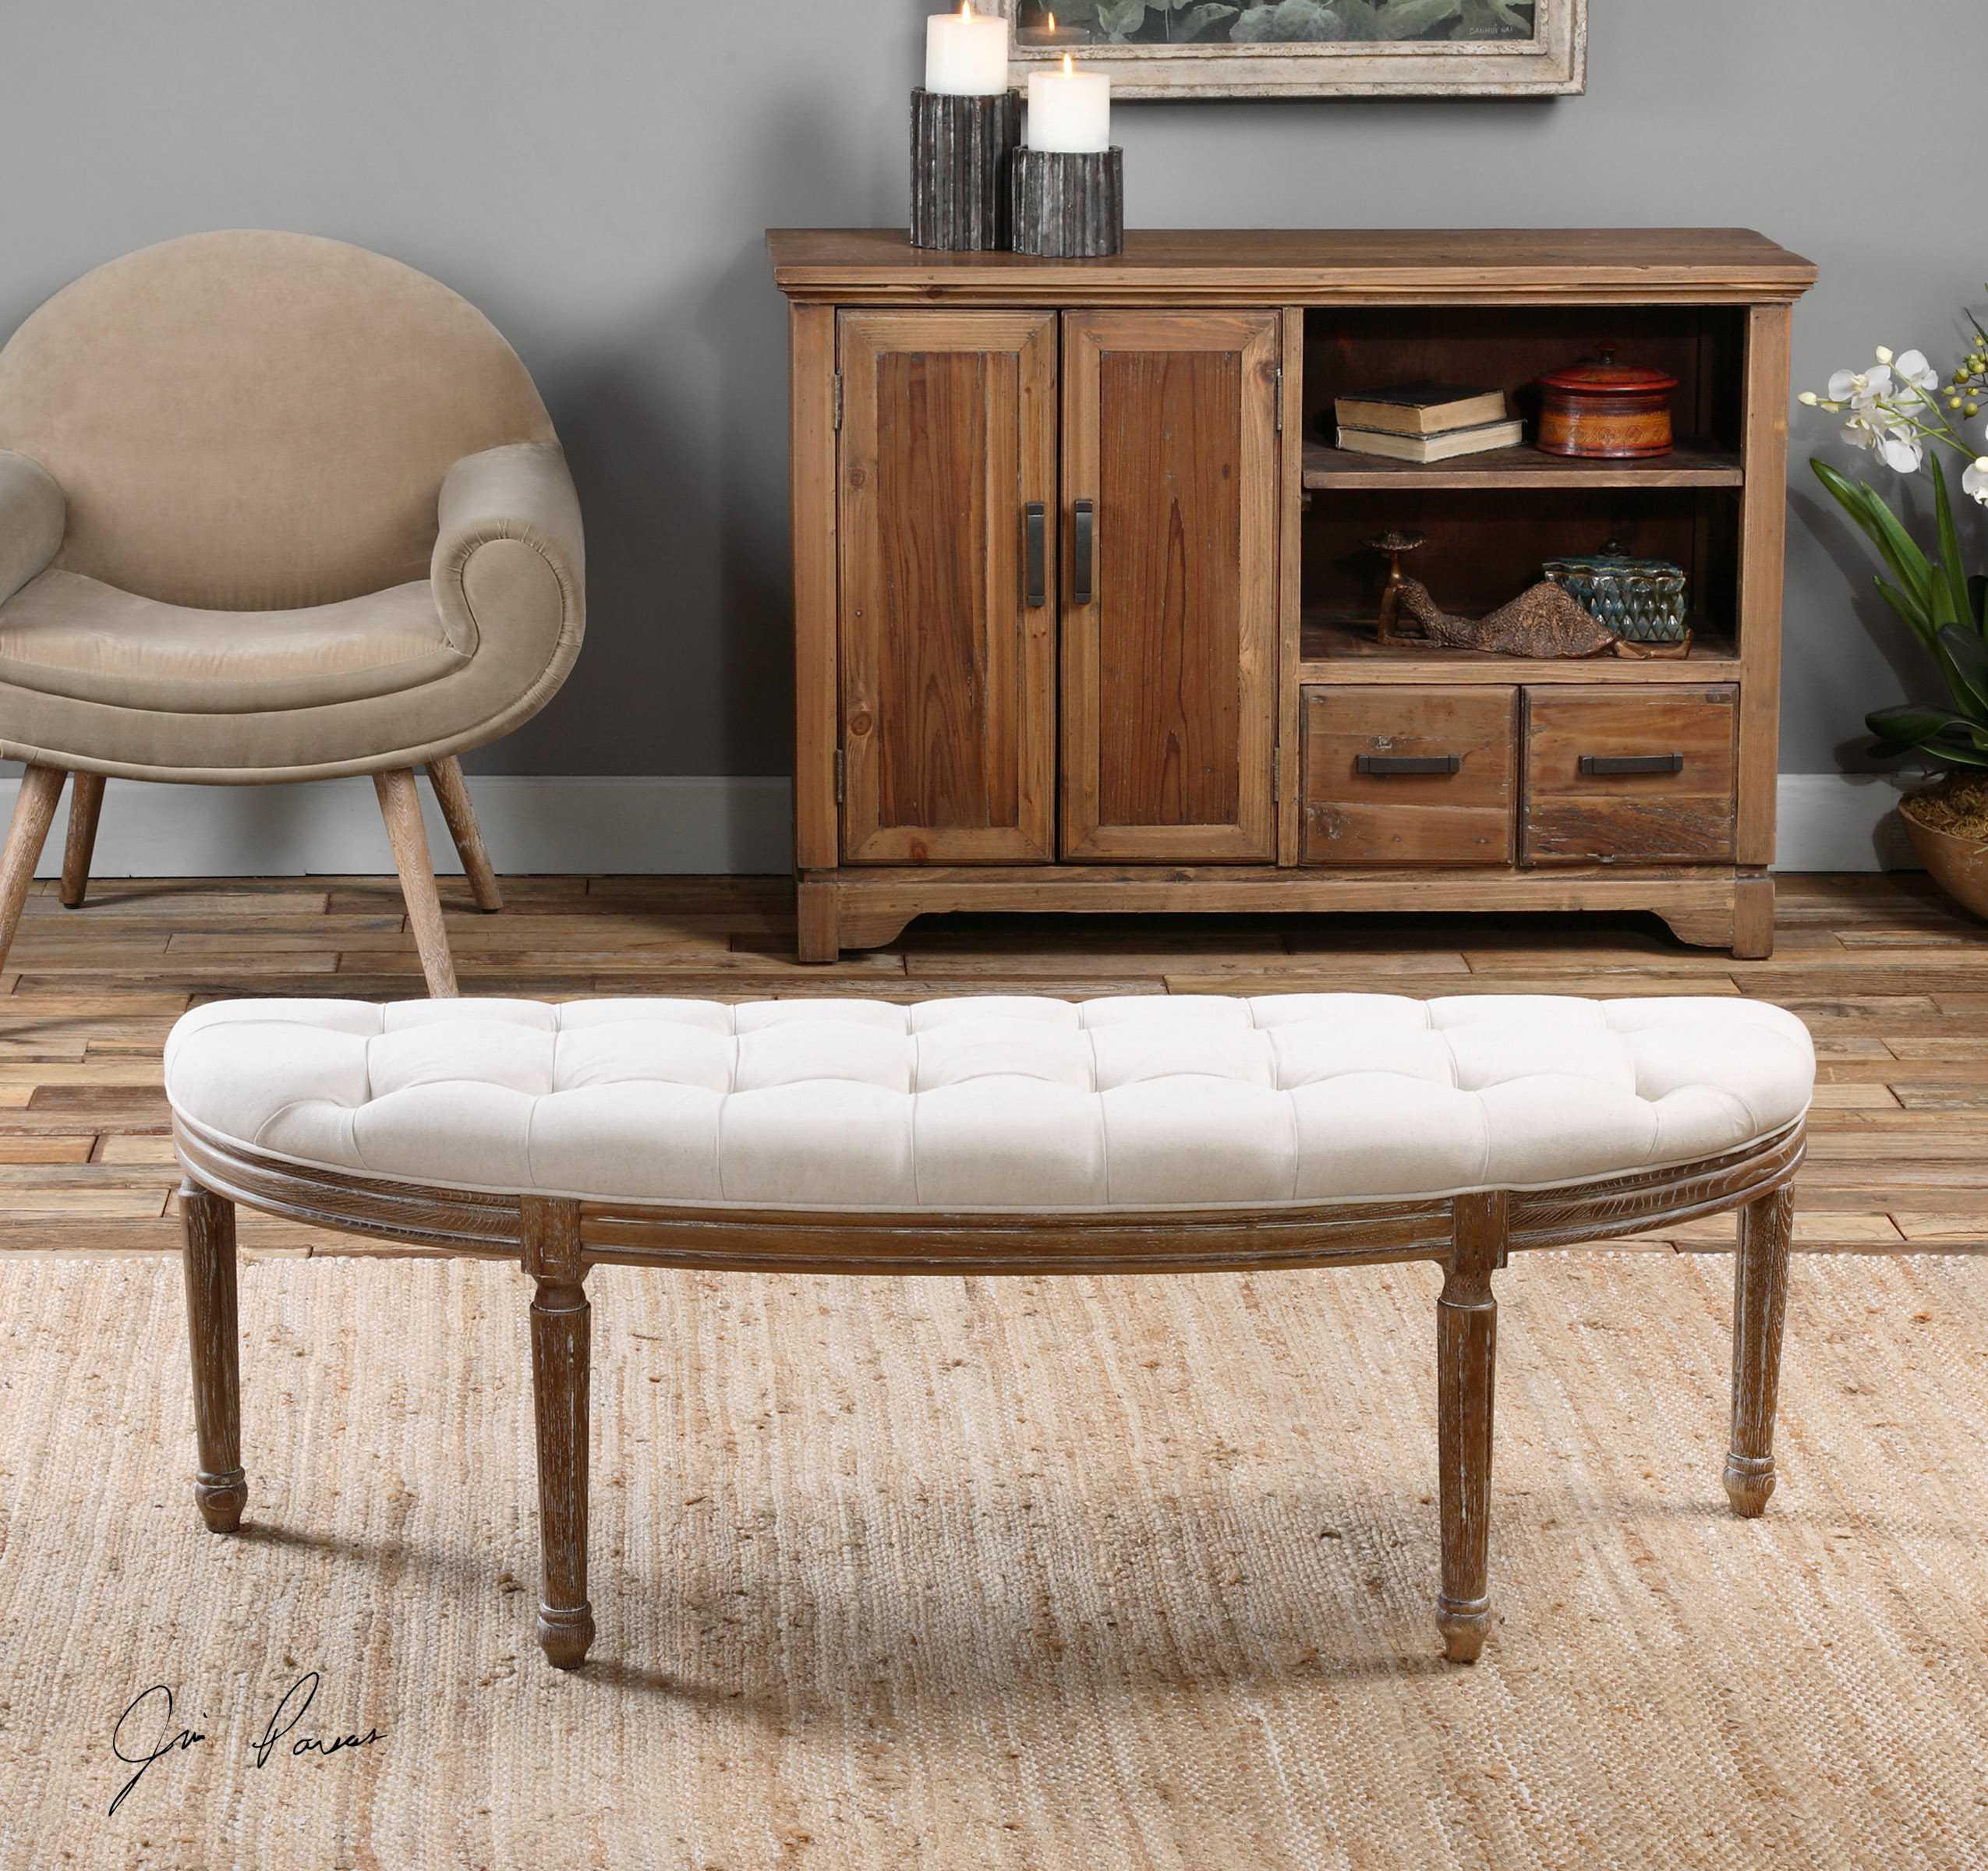 uttermost leggett tufted white bench ut23196. Black Bedroom Furniture Sets. Home Design Ideas